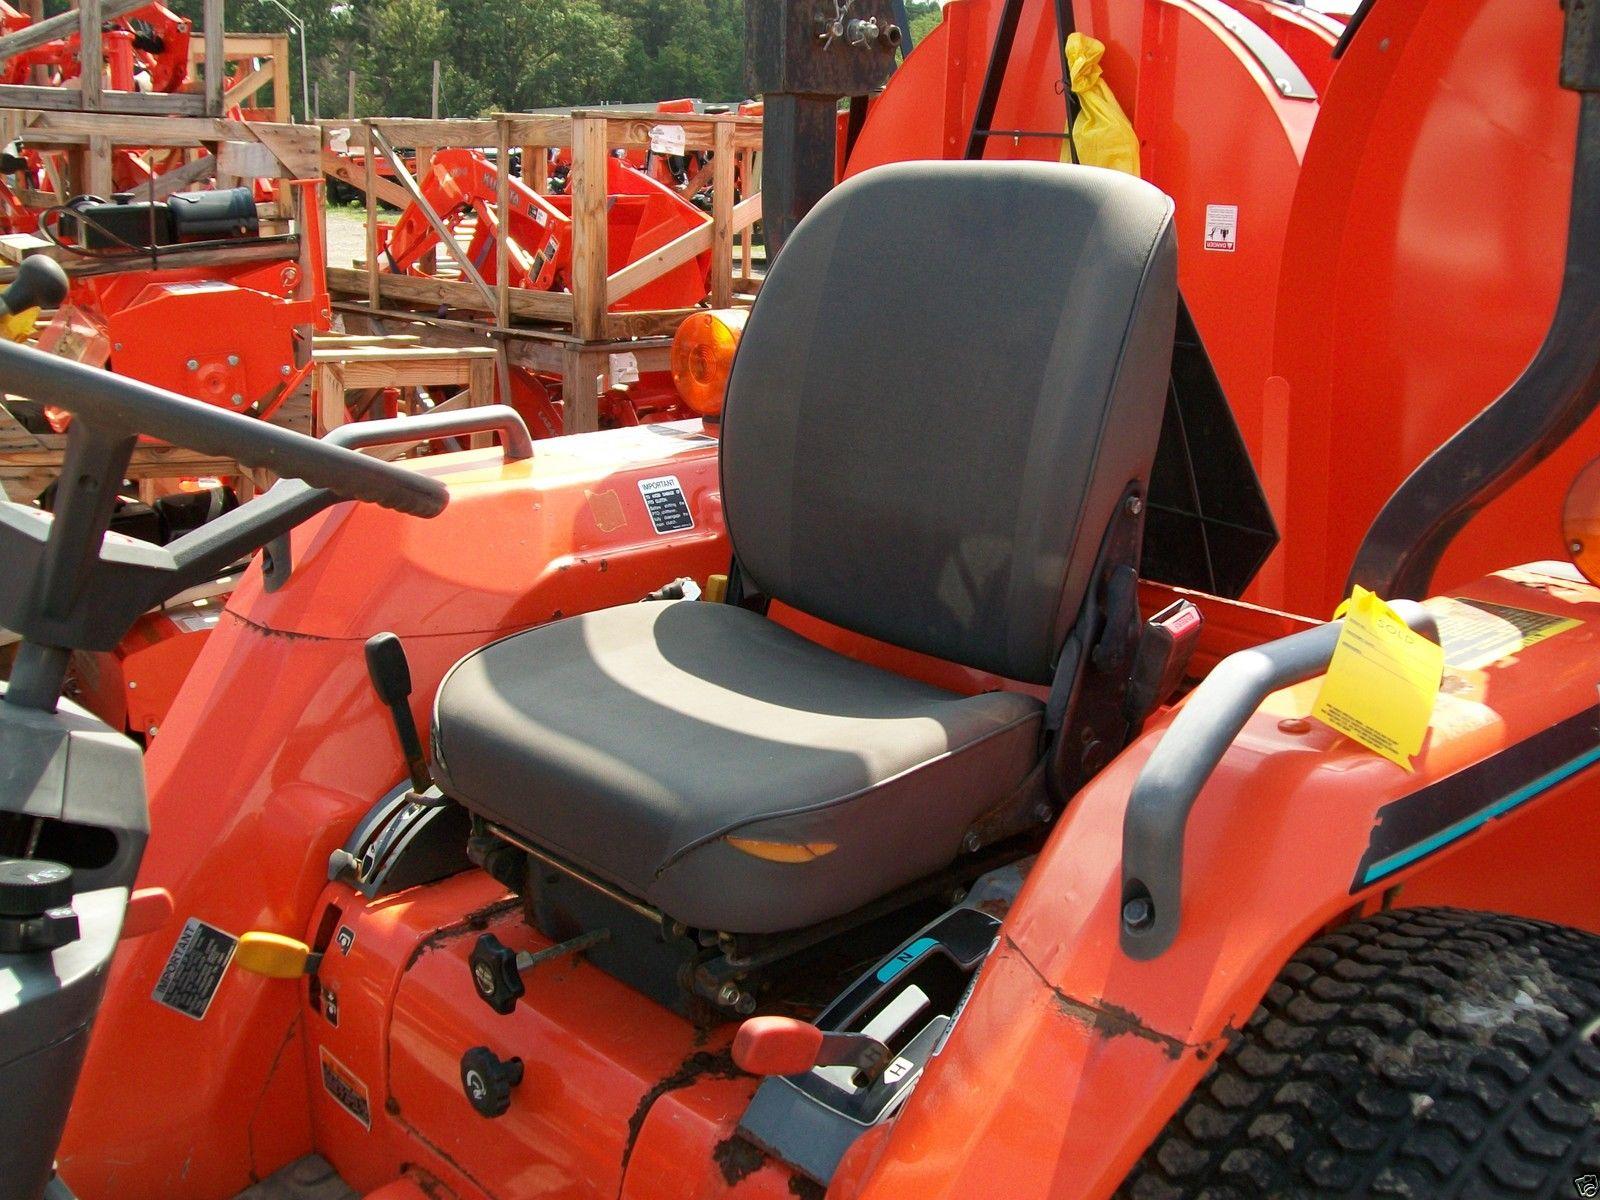 Kubota L48 Wiring Diagram Zero Turn Mower Black Seat L3010 L3410 L3710 L4310 L4610 Compact Tractor John Deere 4105